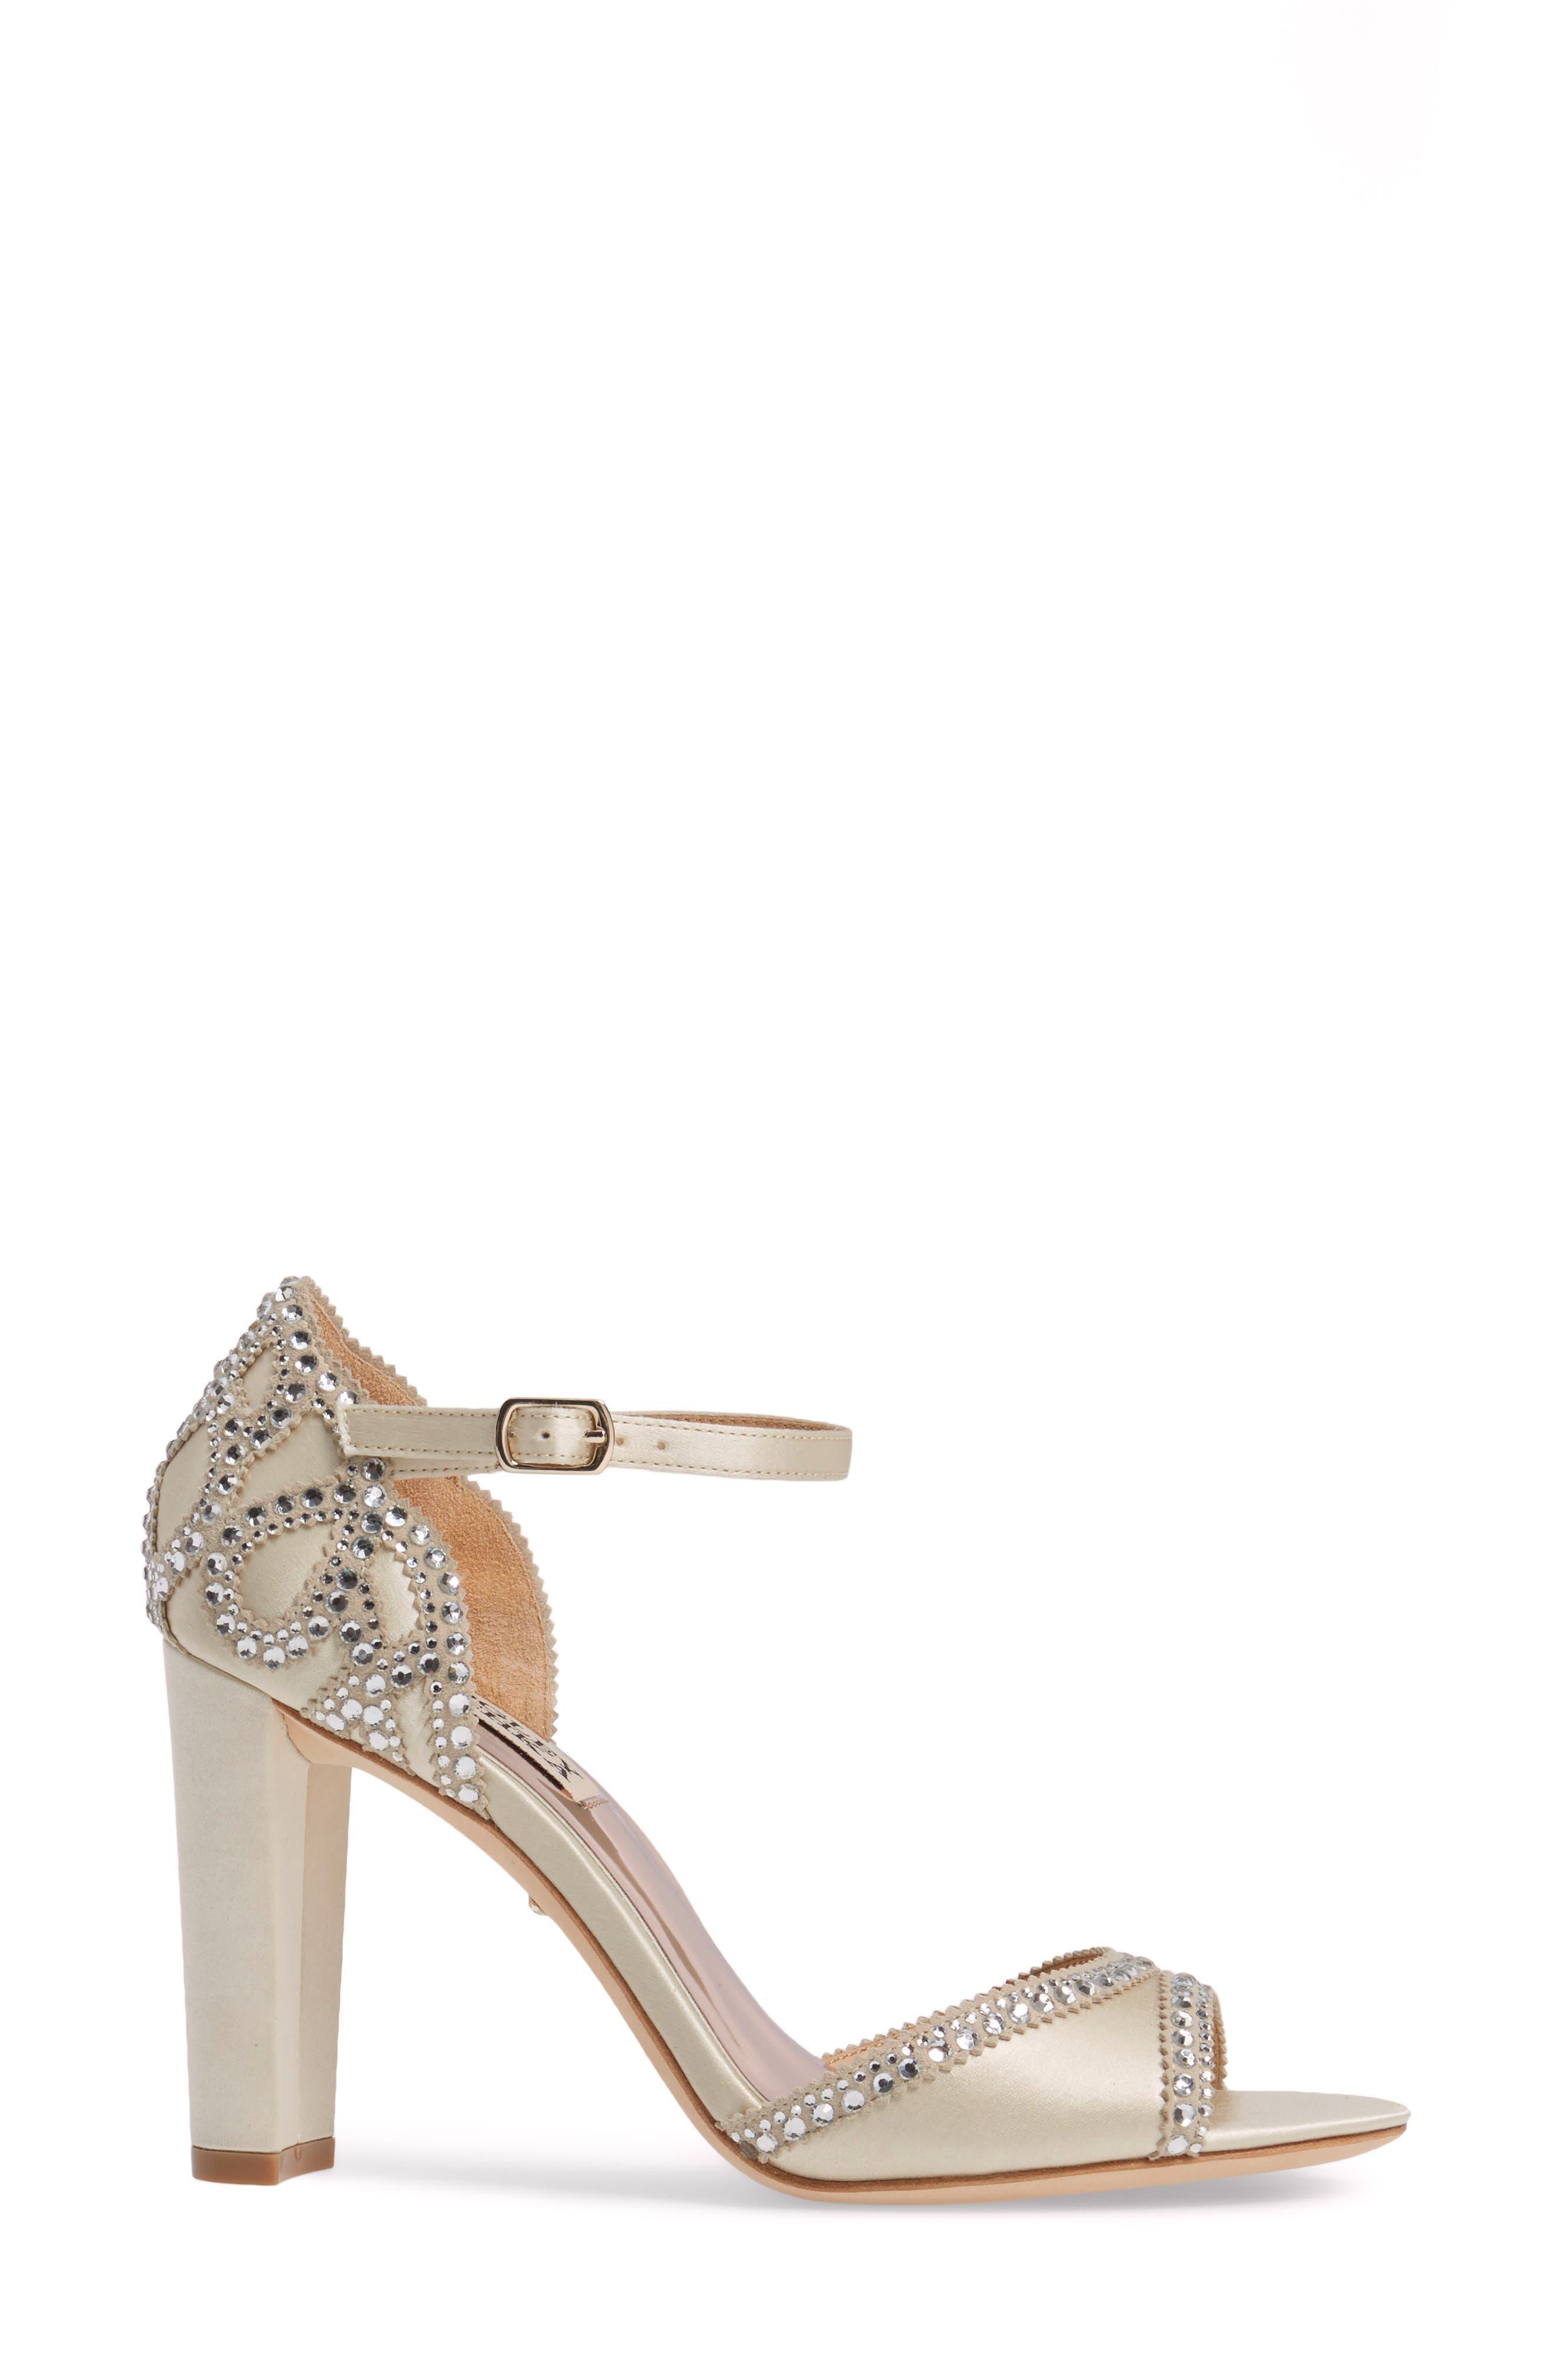 Alternate Image 3  - Badgley Mischka Kelly Embellished Crescent Heel Sandal (Women)